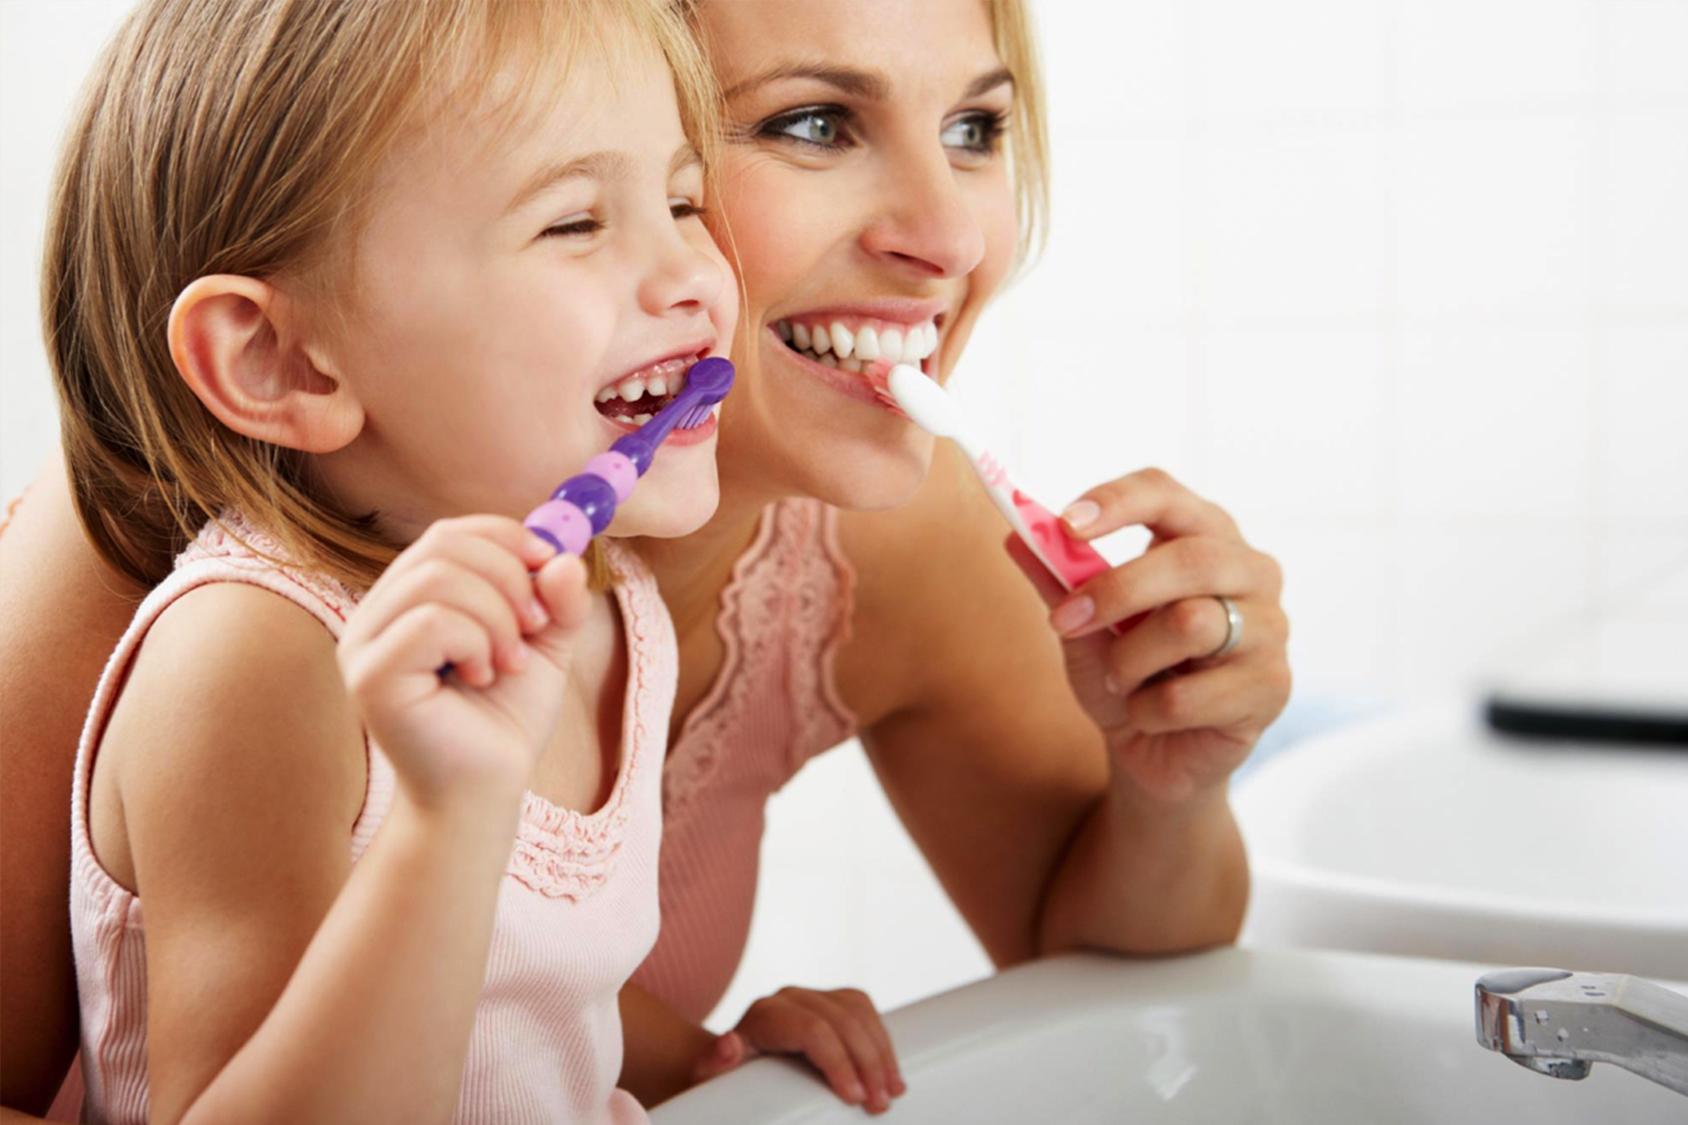 Denti puliti nei bambini: come abituarli al lavaggio quotidiano